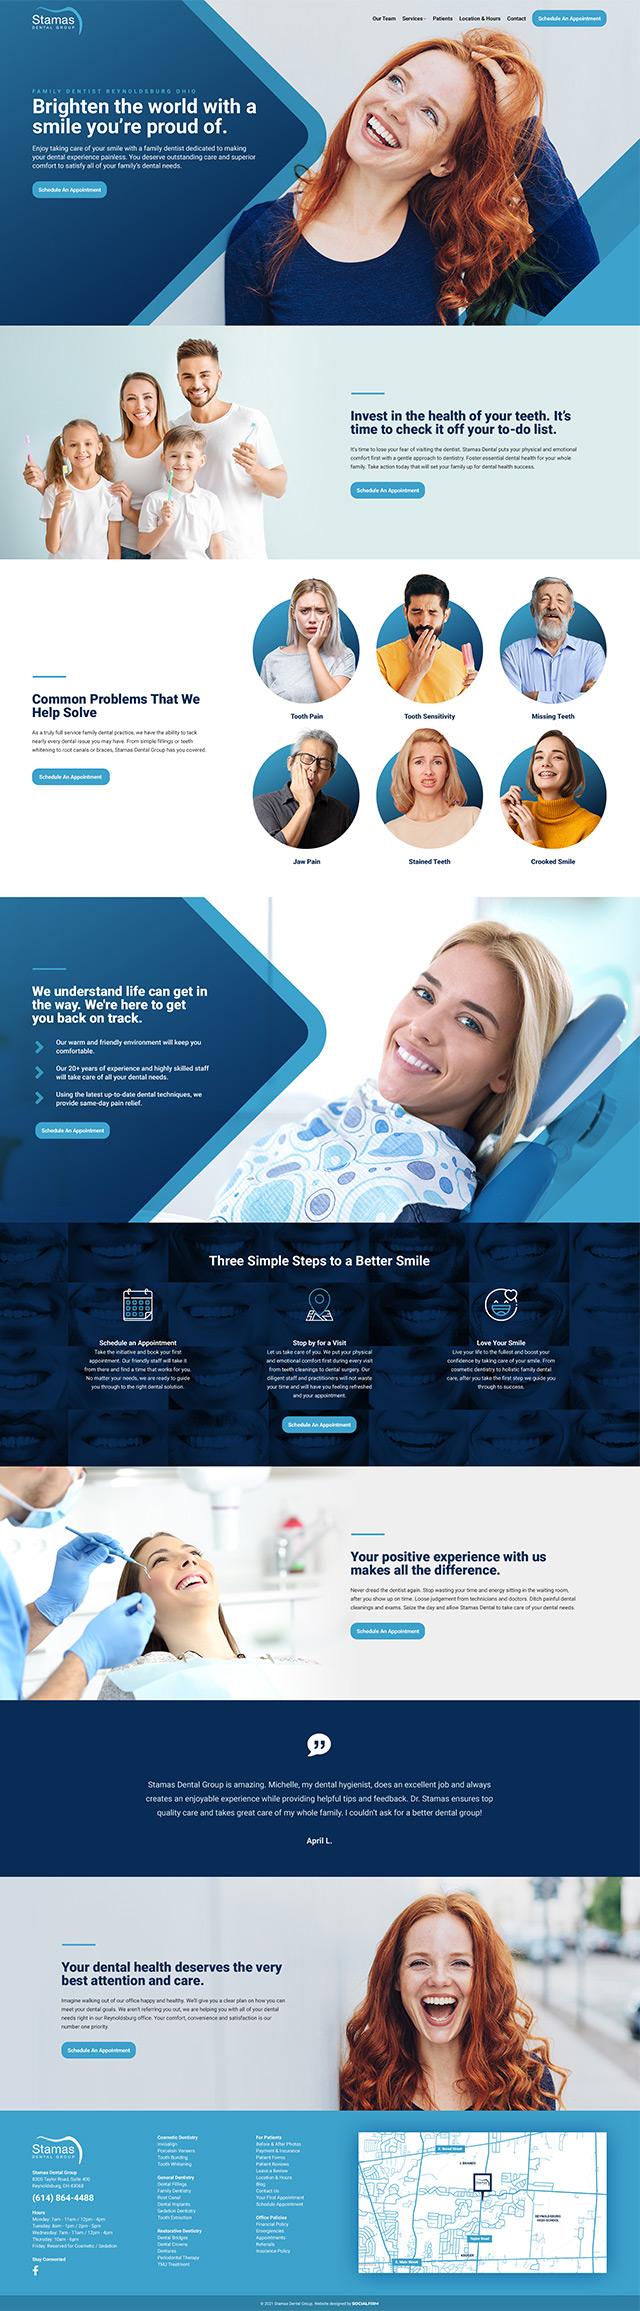 Stamas Dental Group